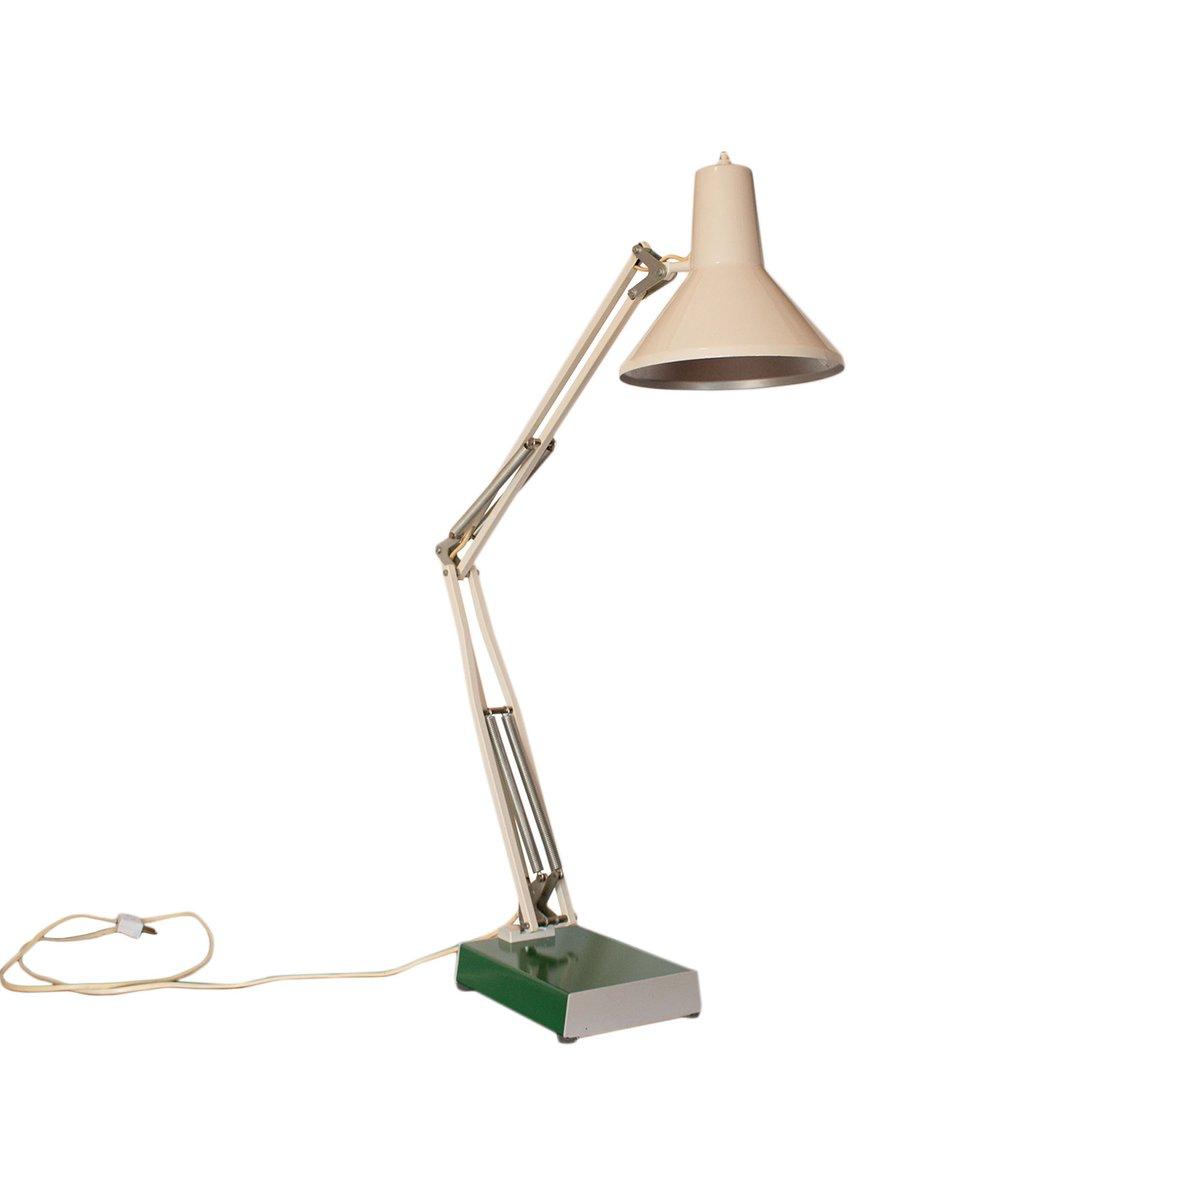 Lampe De Bureau D Architecte Vintage De Hcf En Vente Sur Pamono